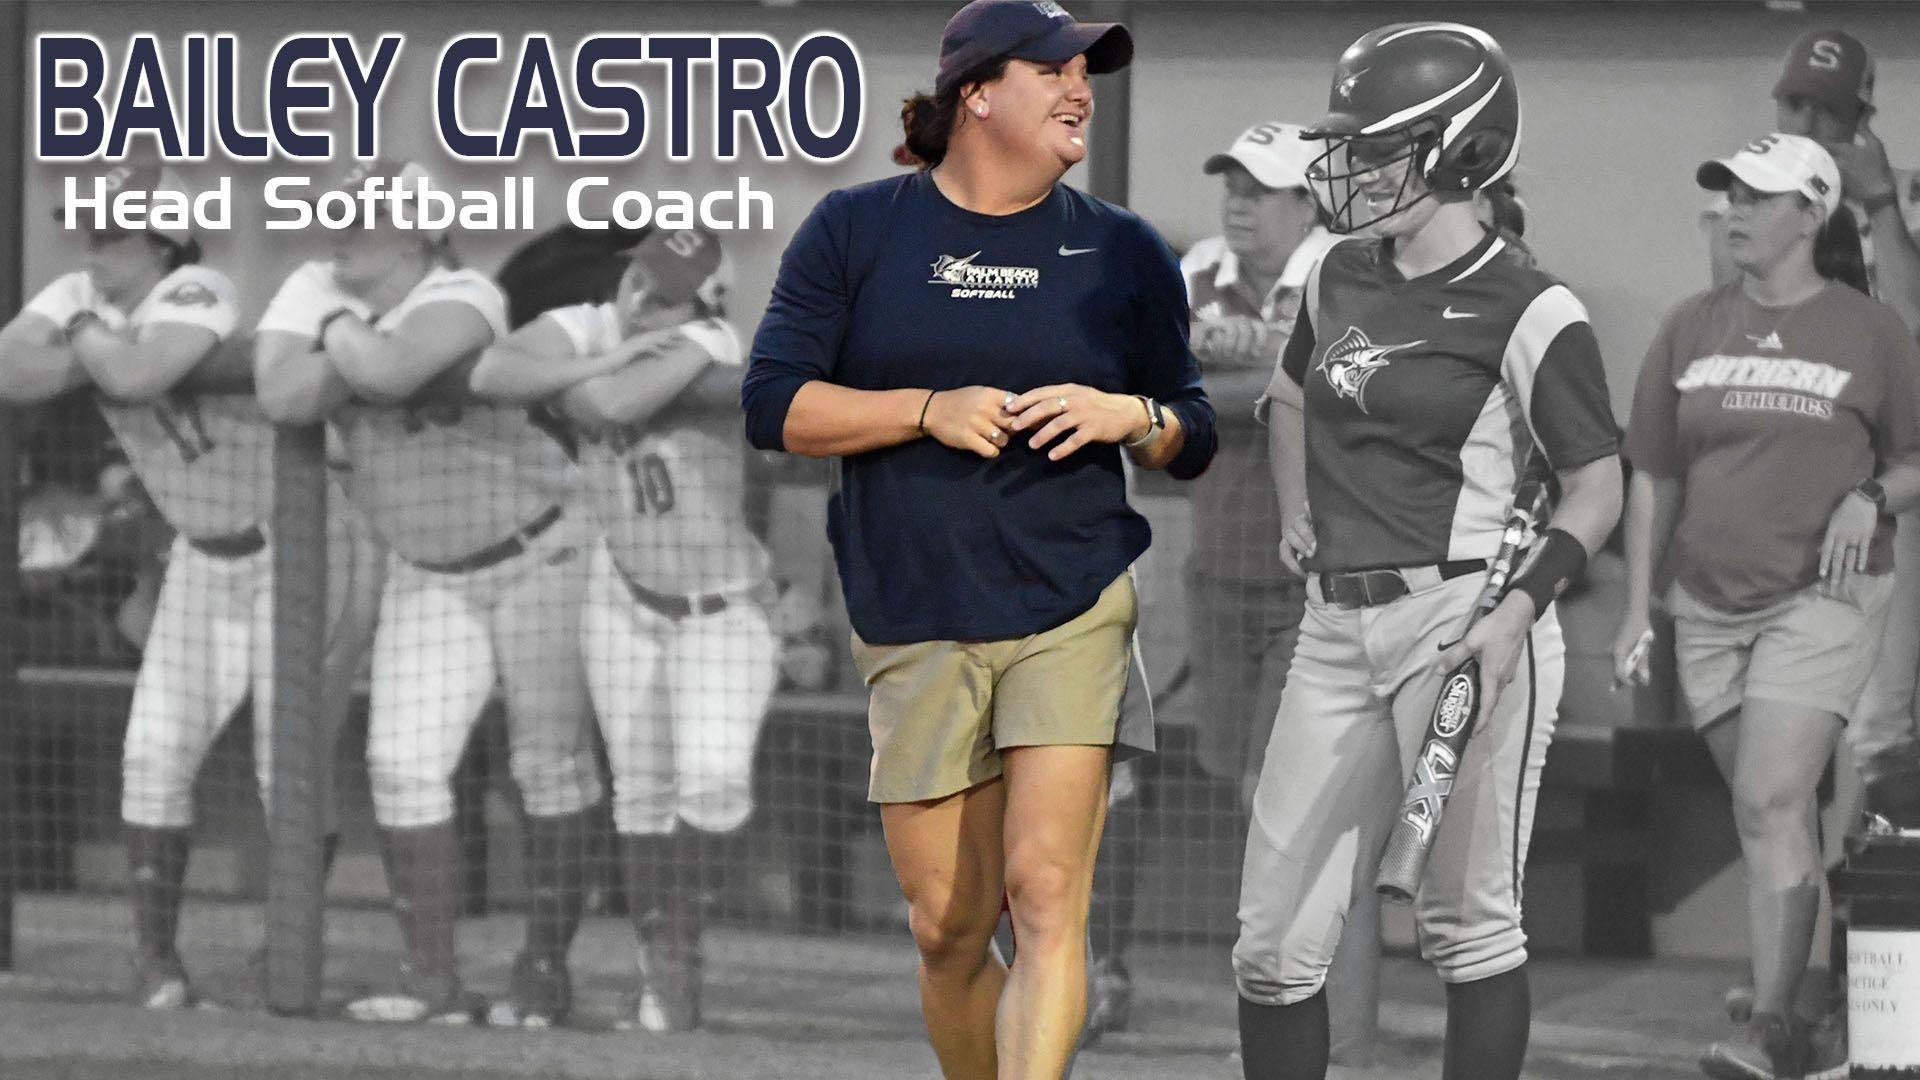 Bailey Castro Named Head Softball Coach Softball Coach Softball Coach